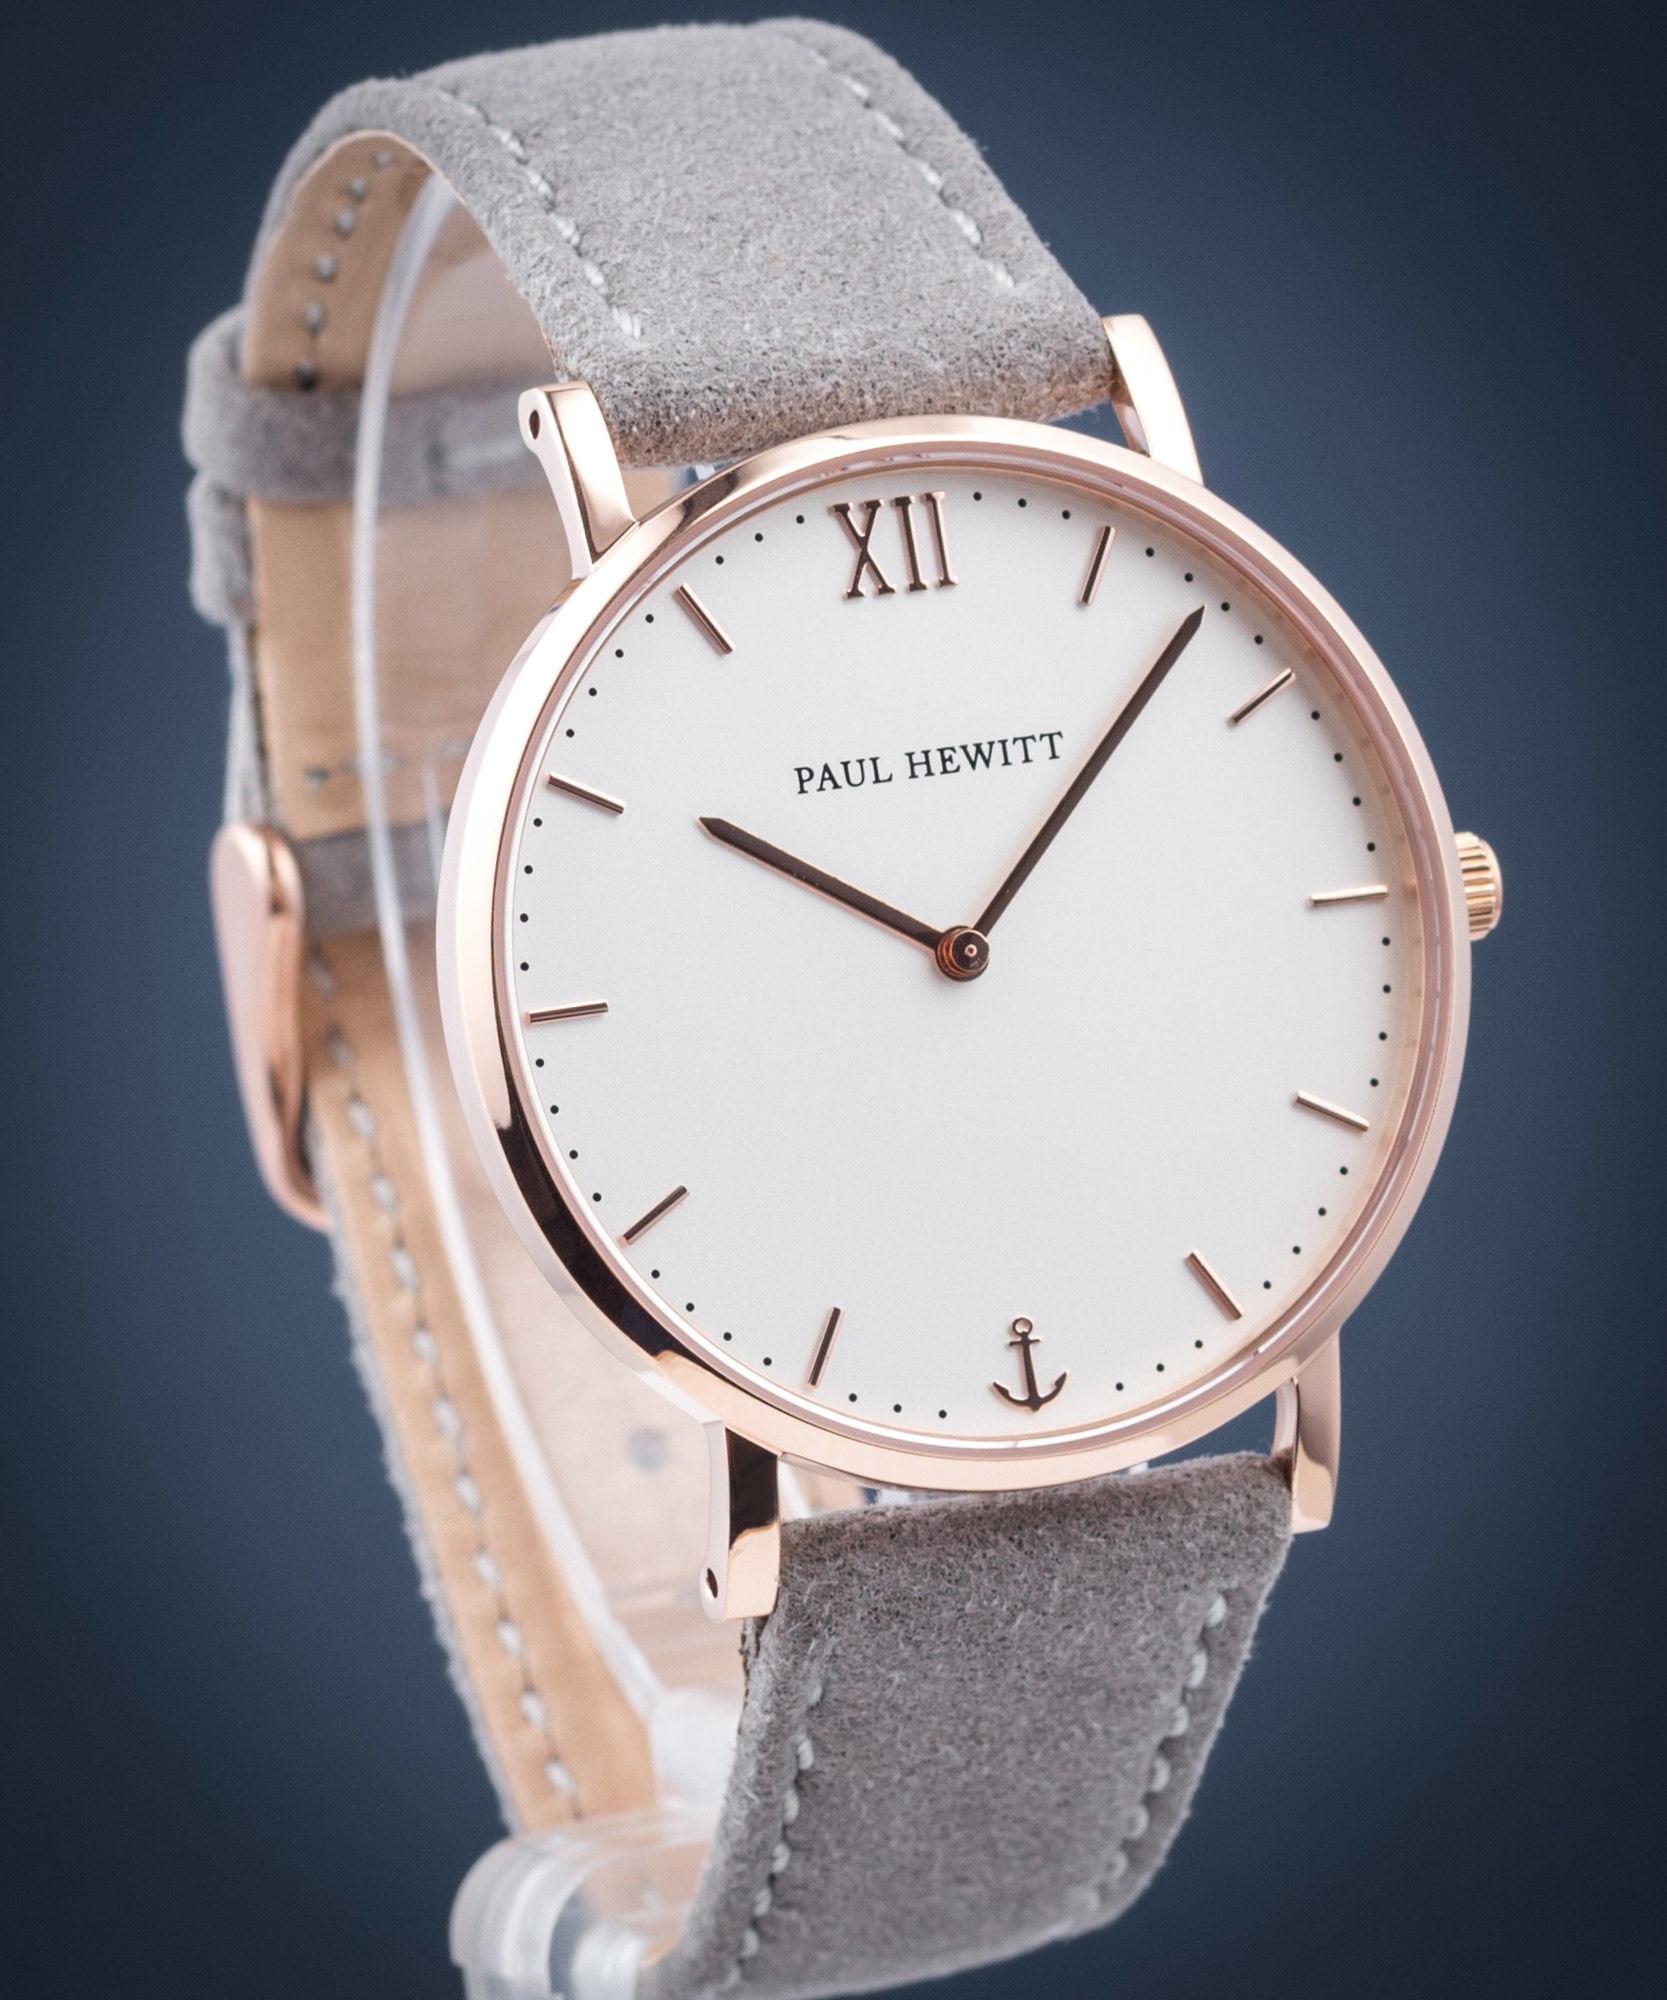 Zegarek Paul Hewitt Sailor